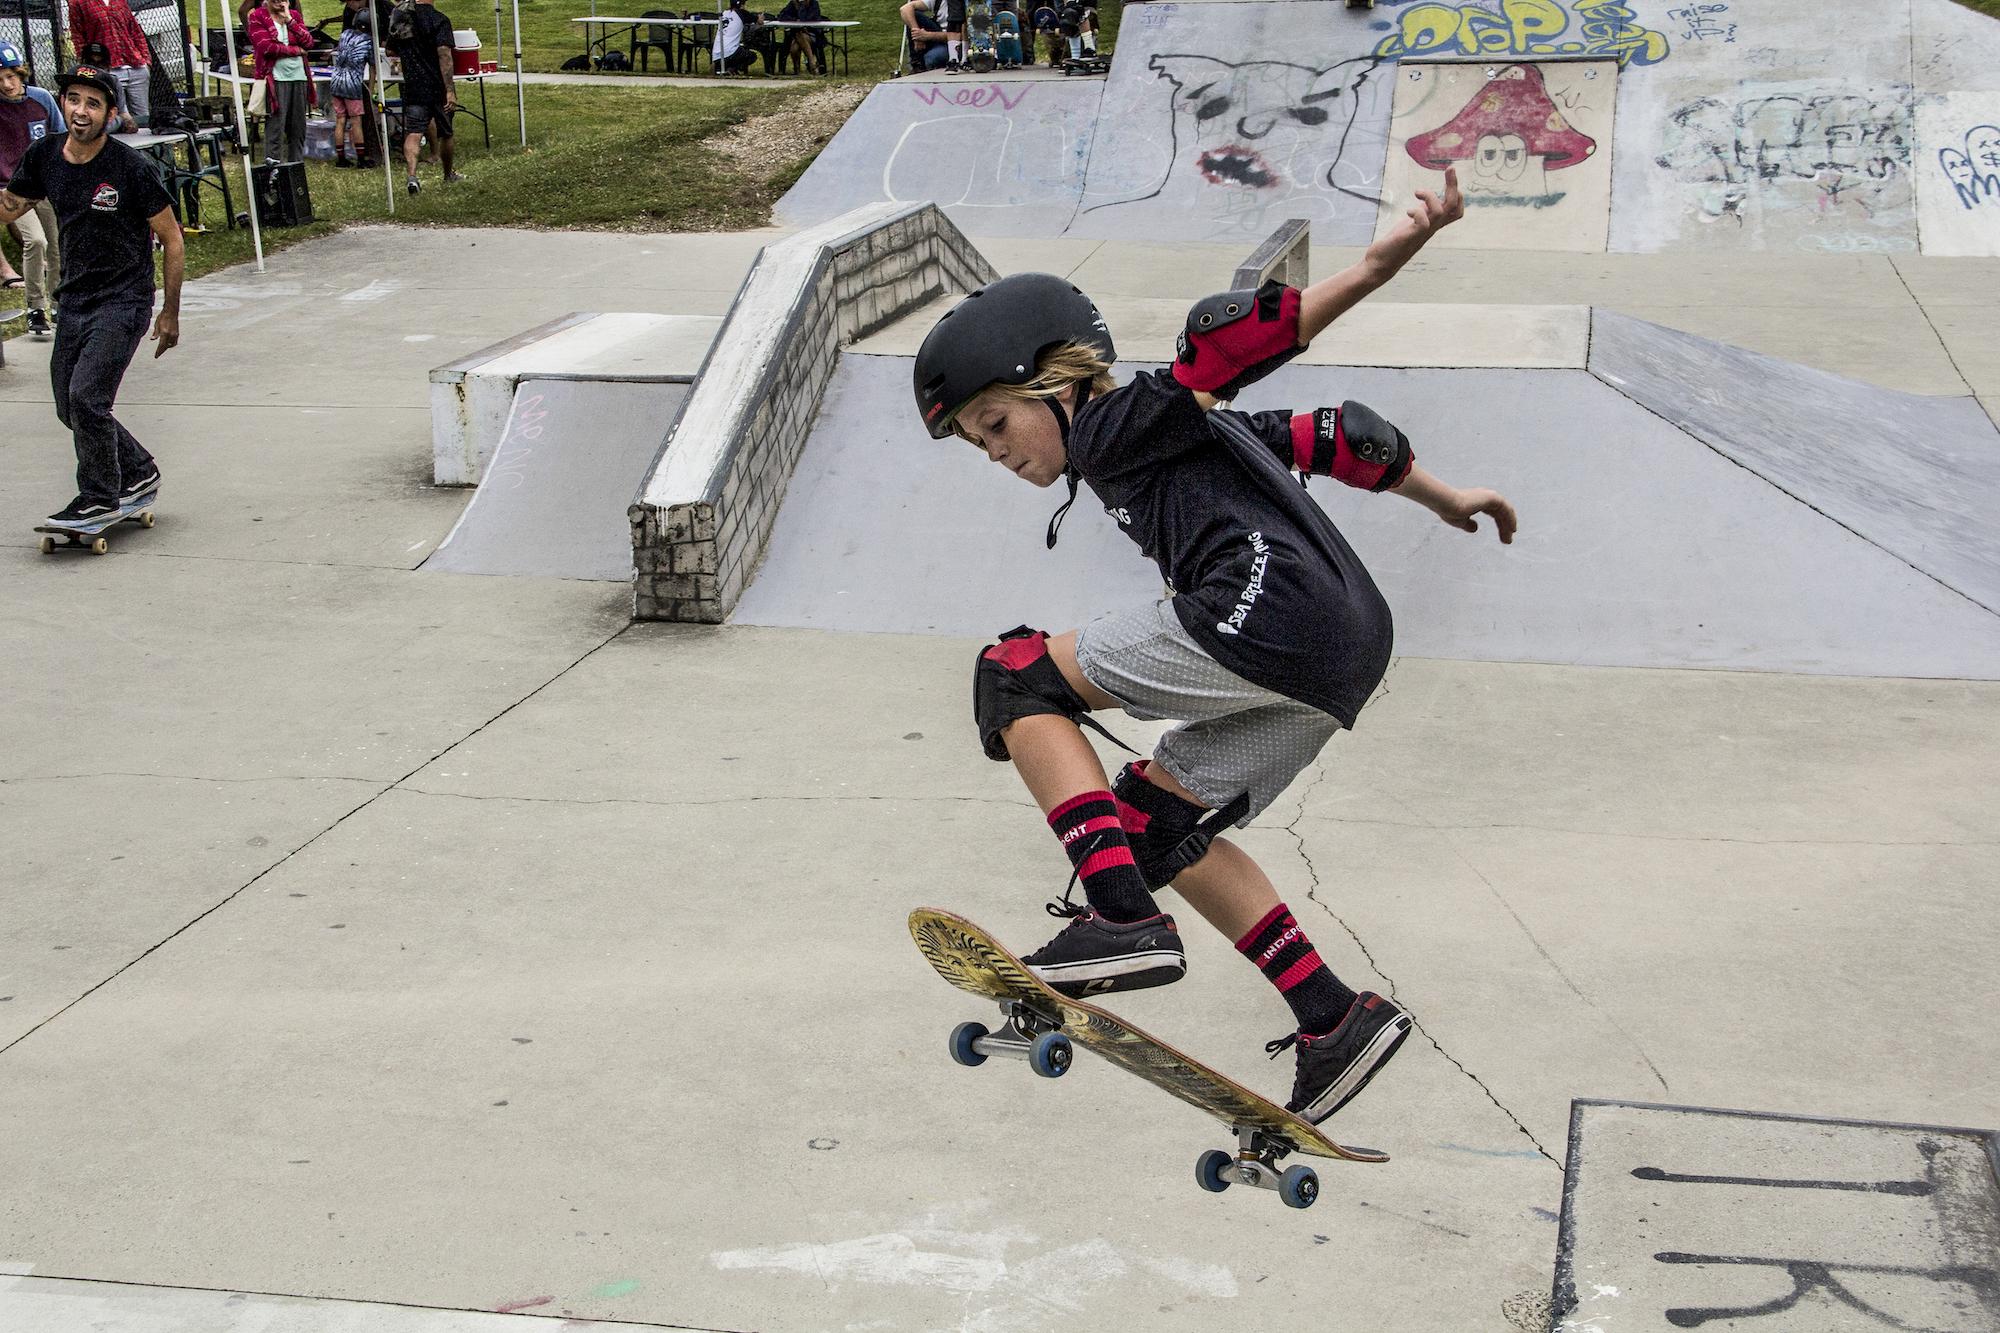 suffo-skate-9.jpg